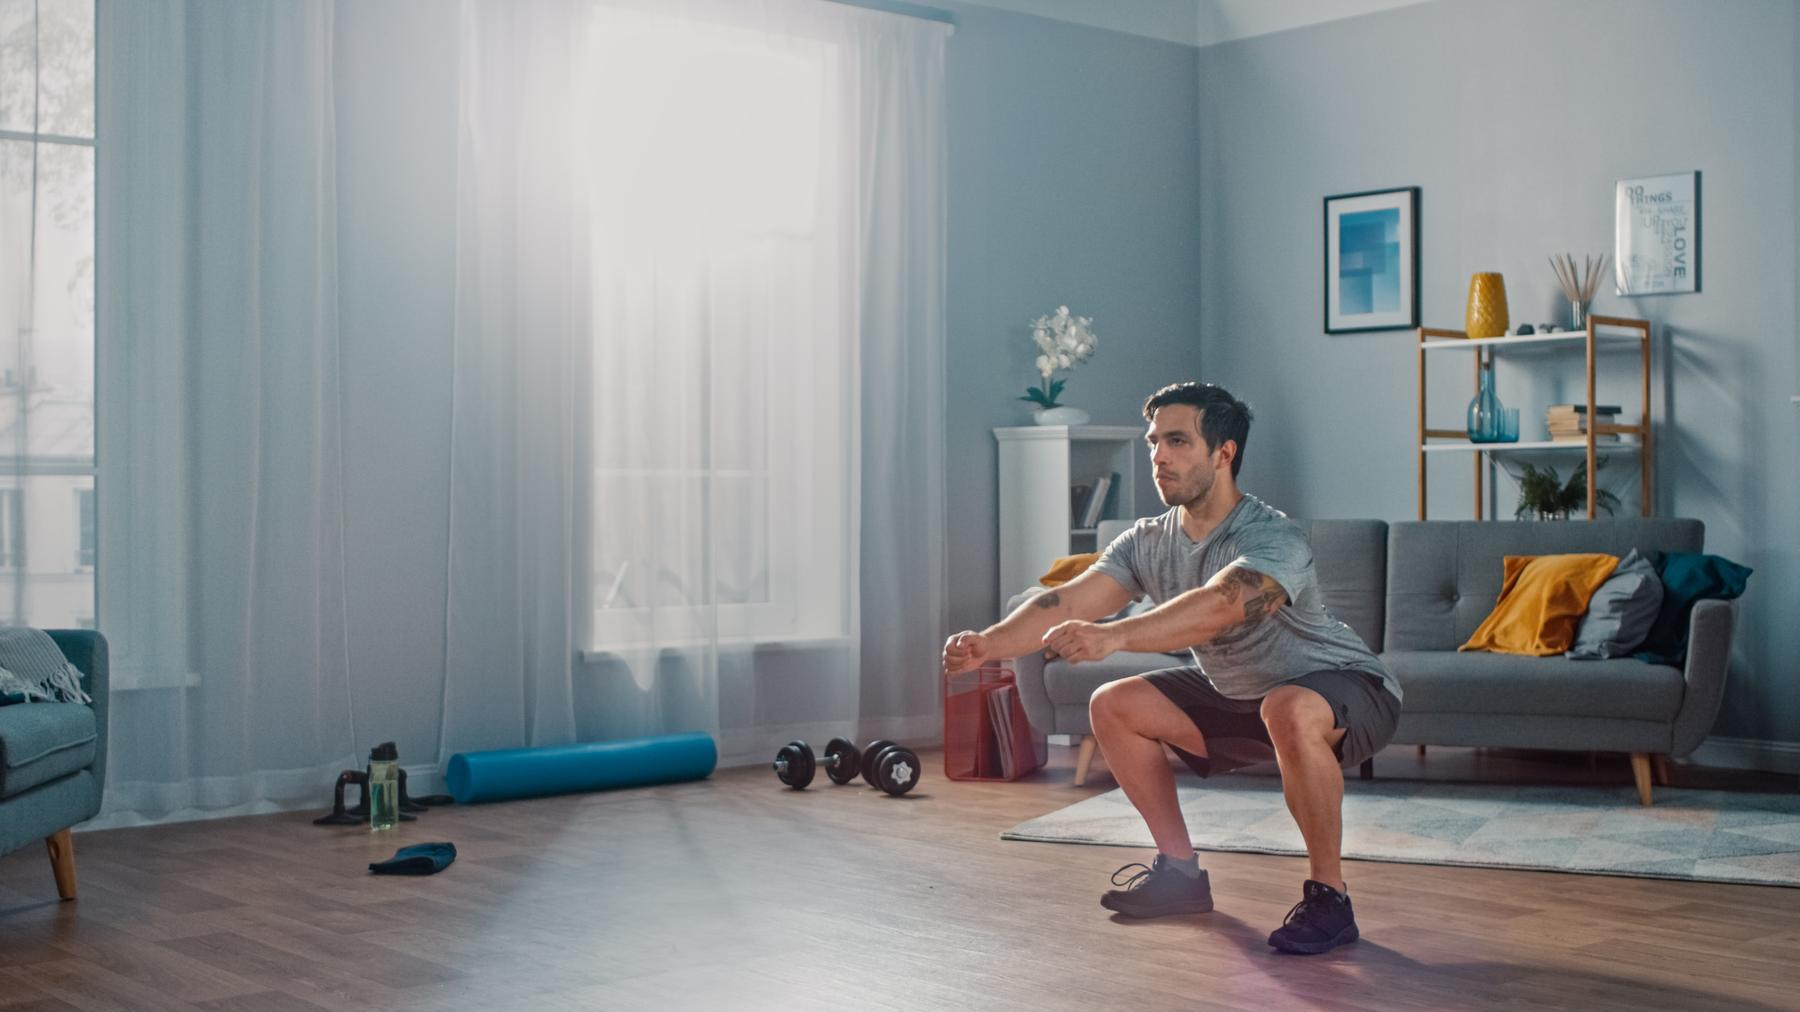 Calisthenics: Das Home & Outdoor Workout, welches du überall durchführen kannst